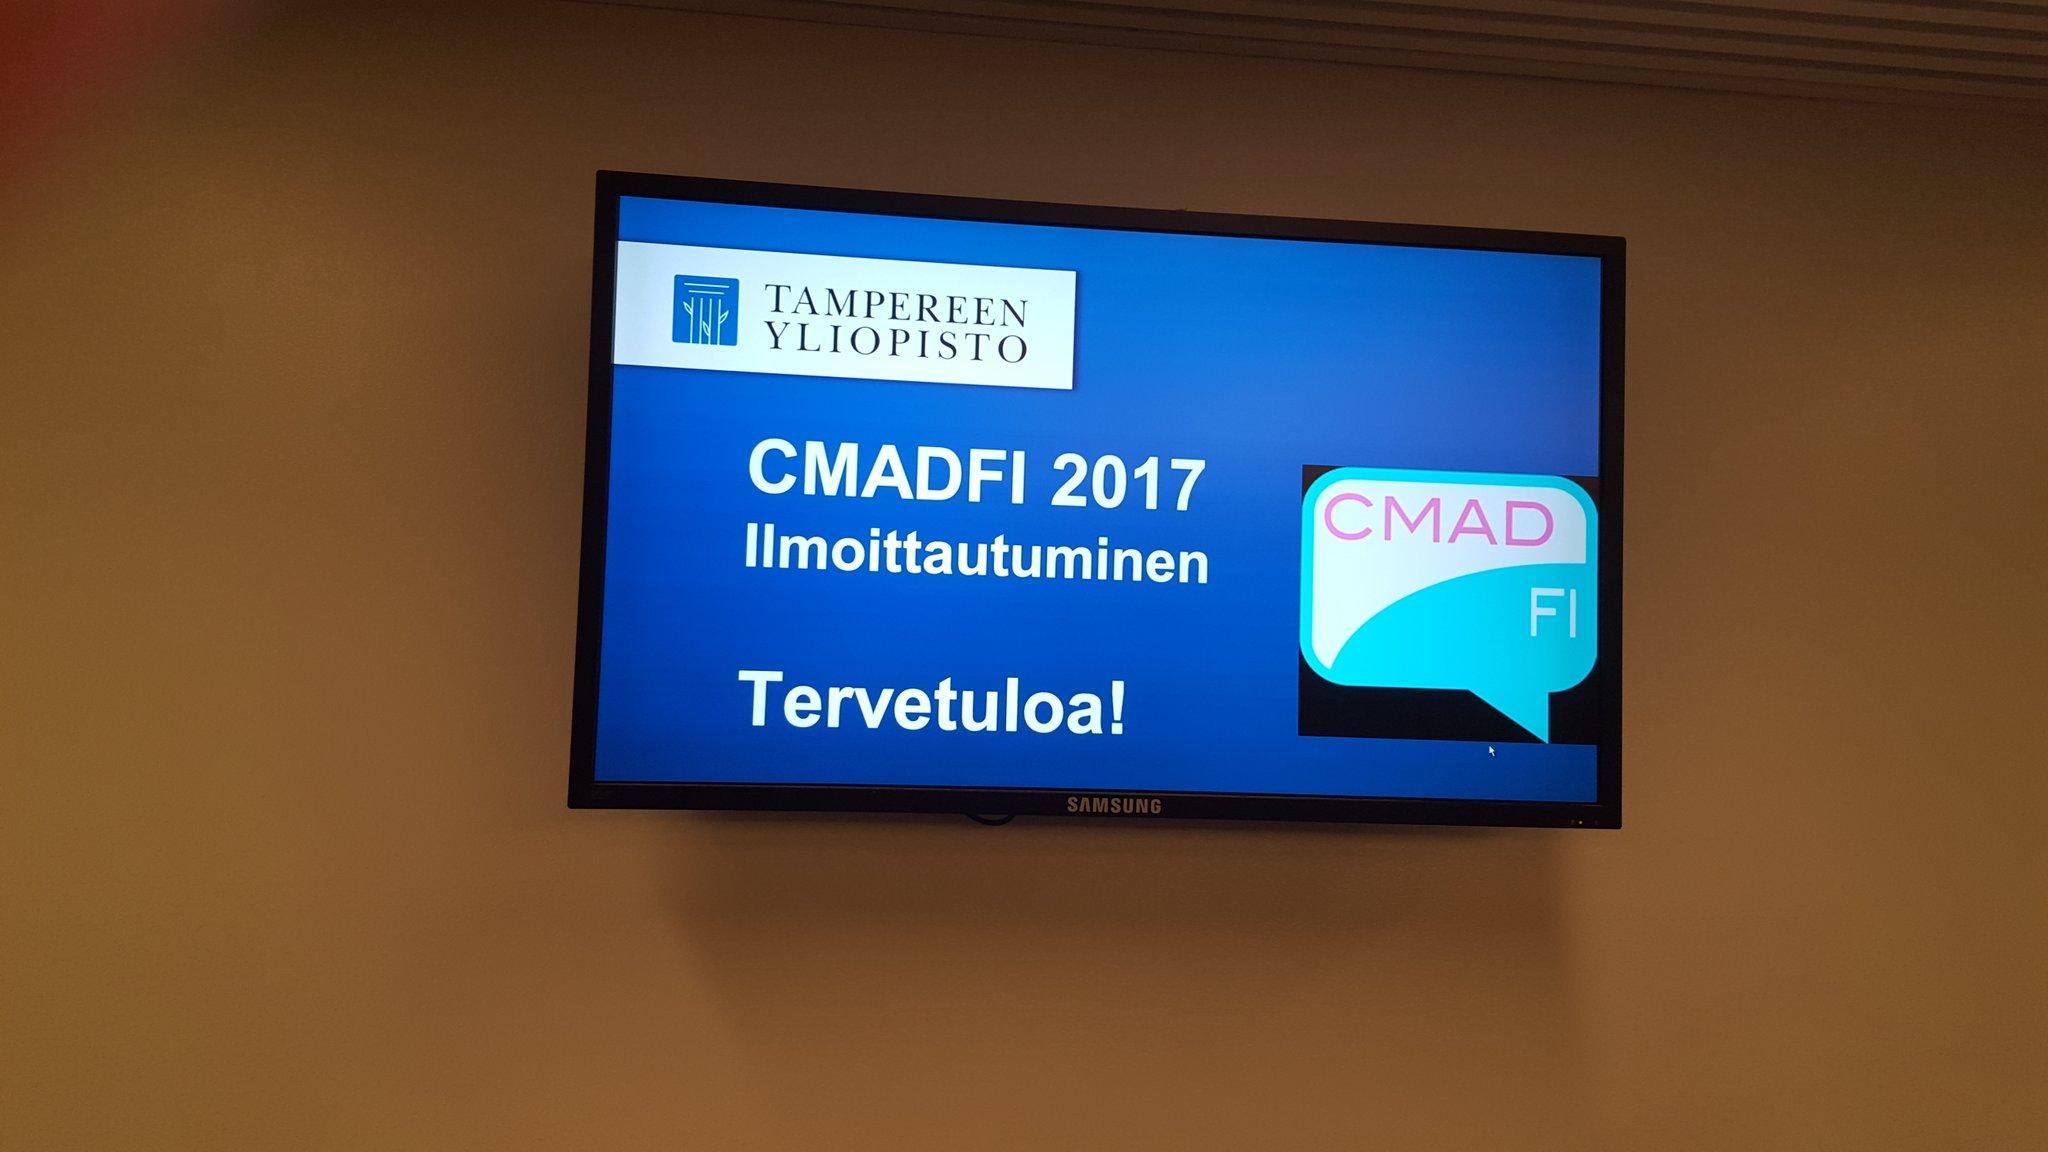 #cmadfi #cmadfi2017 Täällä jo valmiina. Tervetuloa! https://t.co/gl22FfTQxj